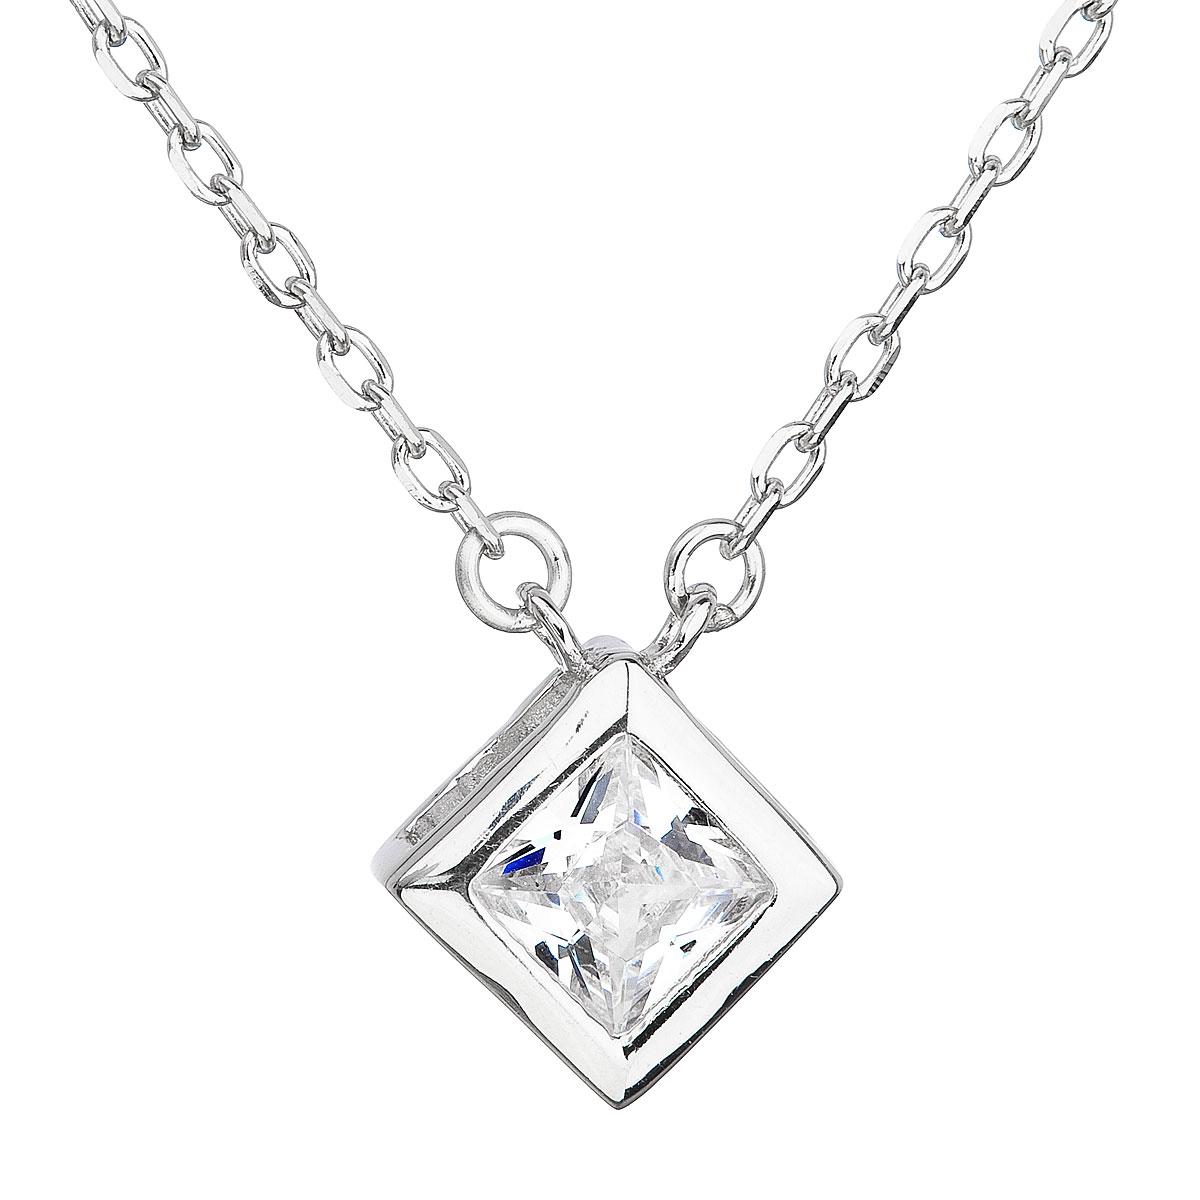 Stříbrný náhrdelník se zirkonem bílý kosočtverec 12031.1